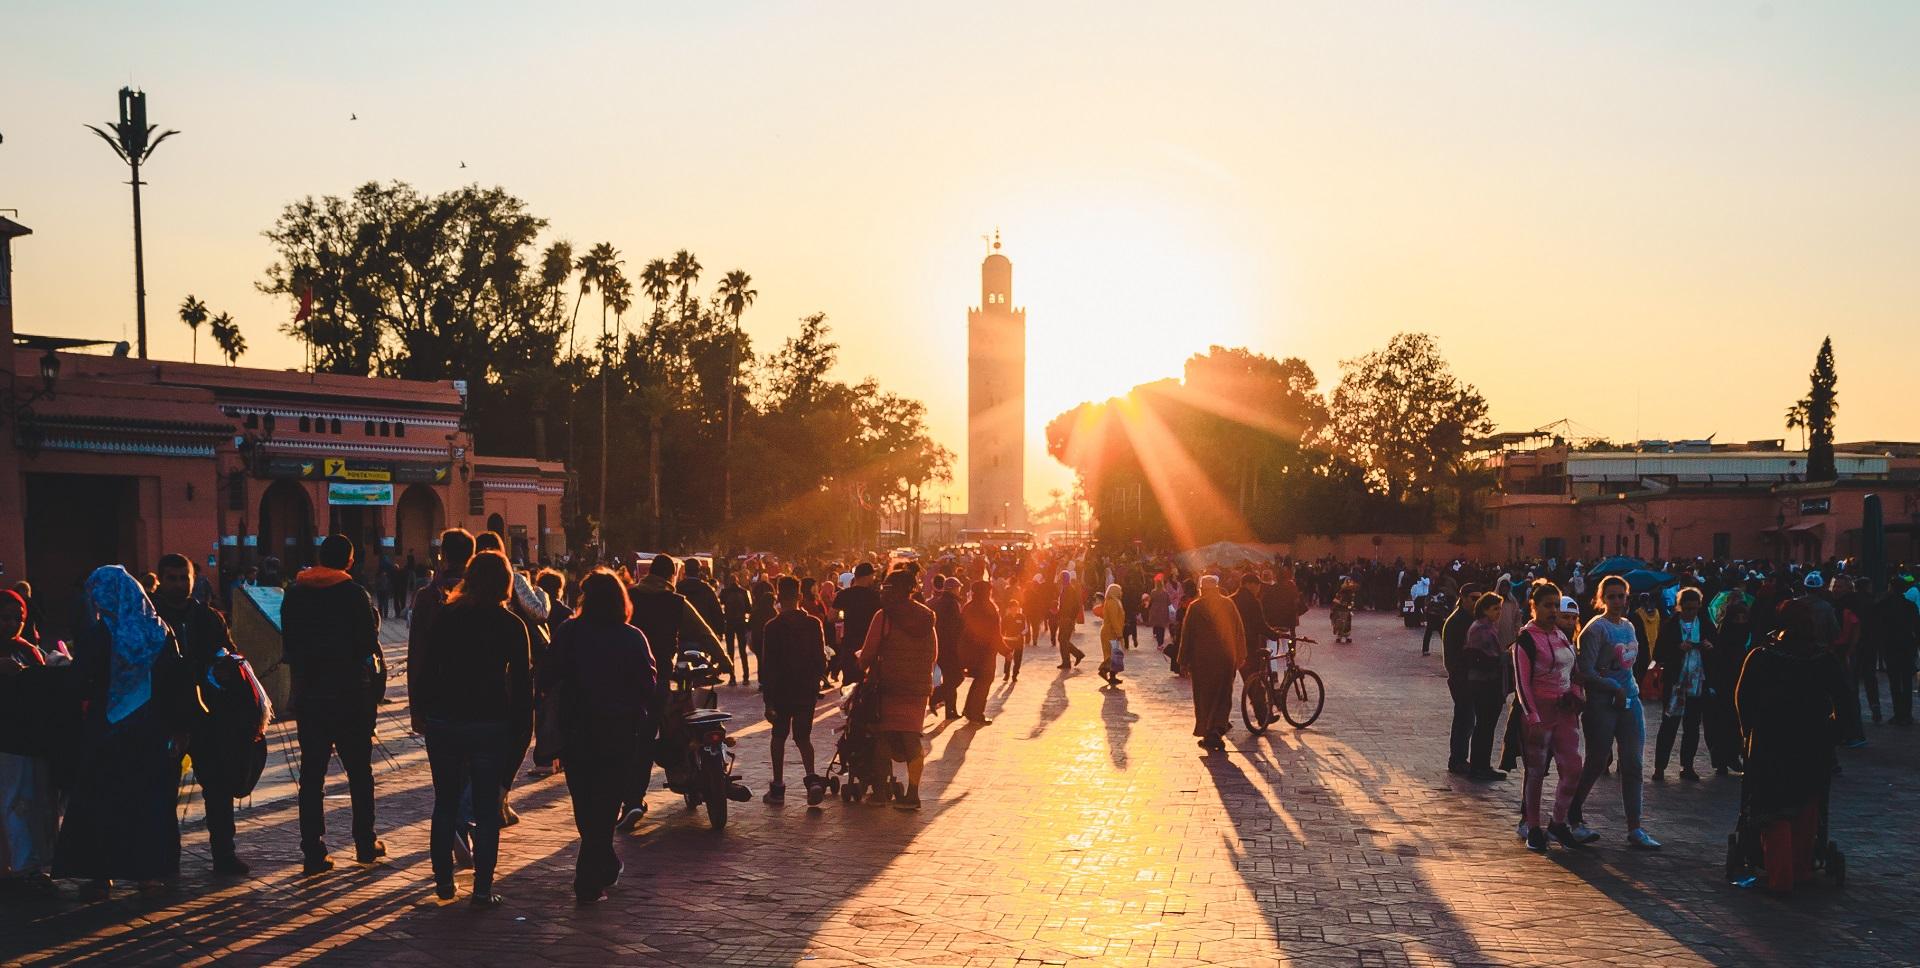 Marrakech in July 2018